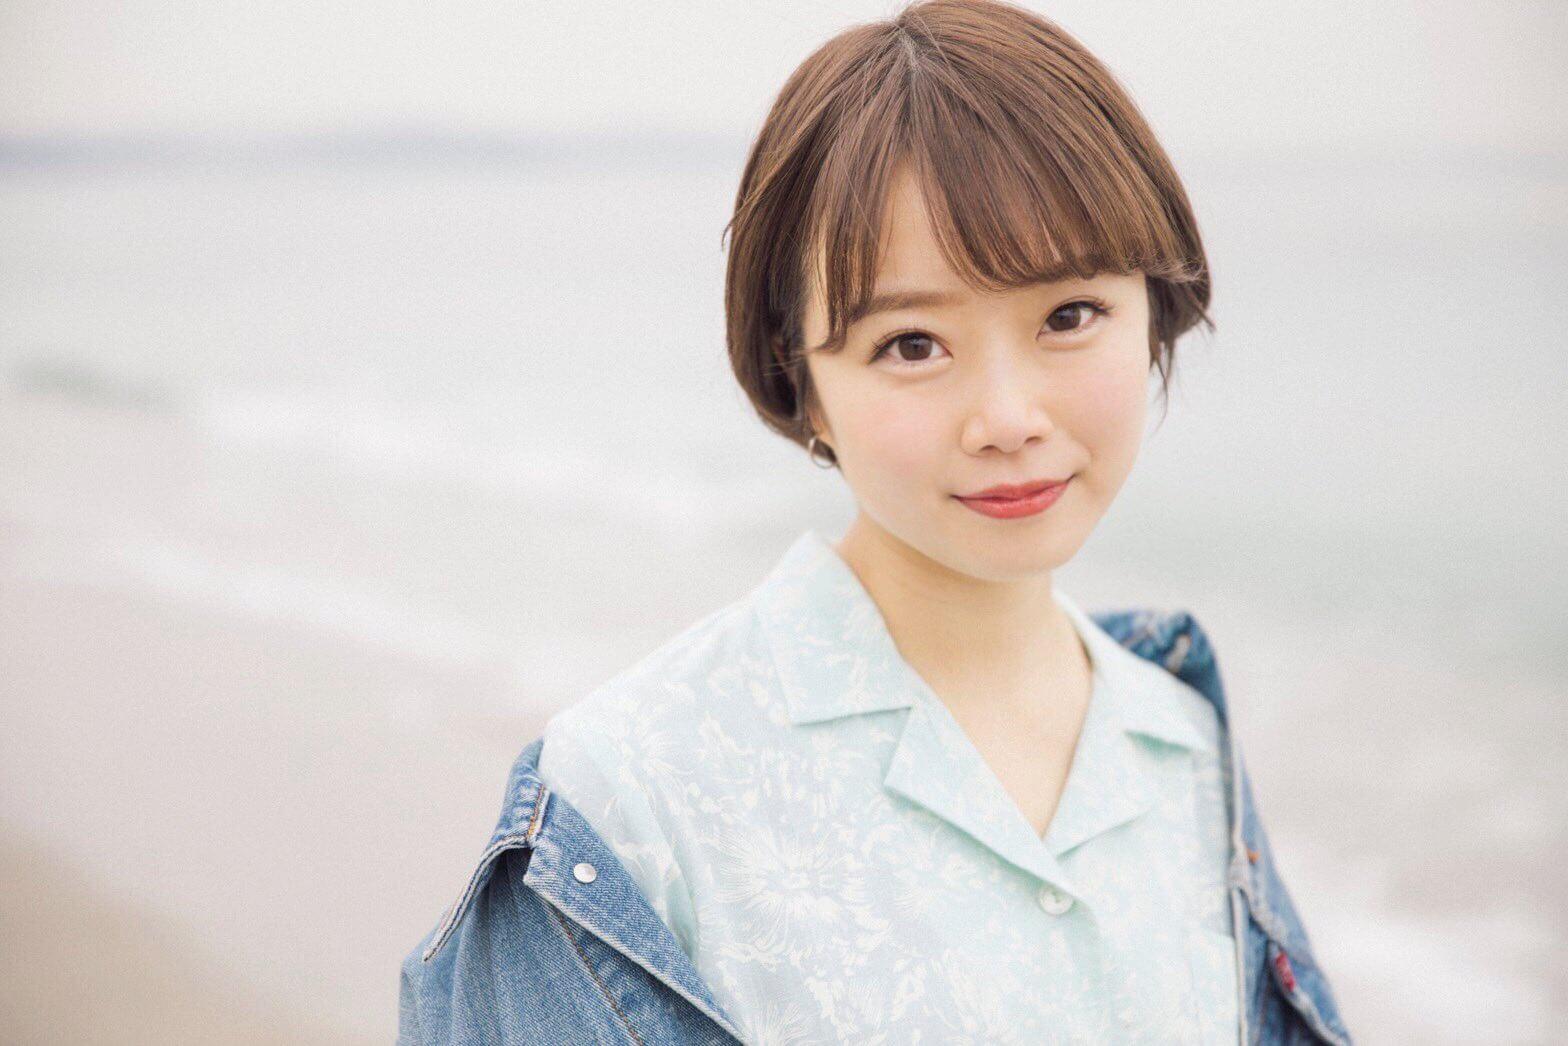 渡辺まお 19歳「エモい女の子。」FANZAカテゴリー人気順1位!